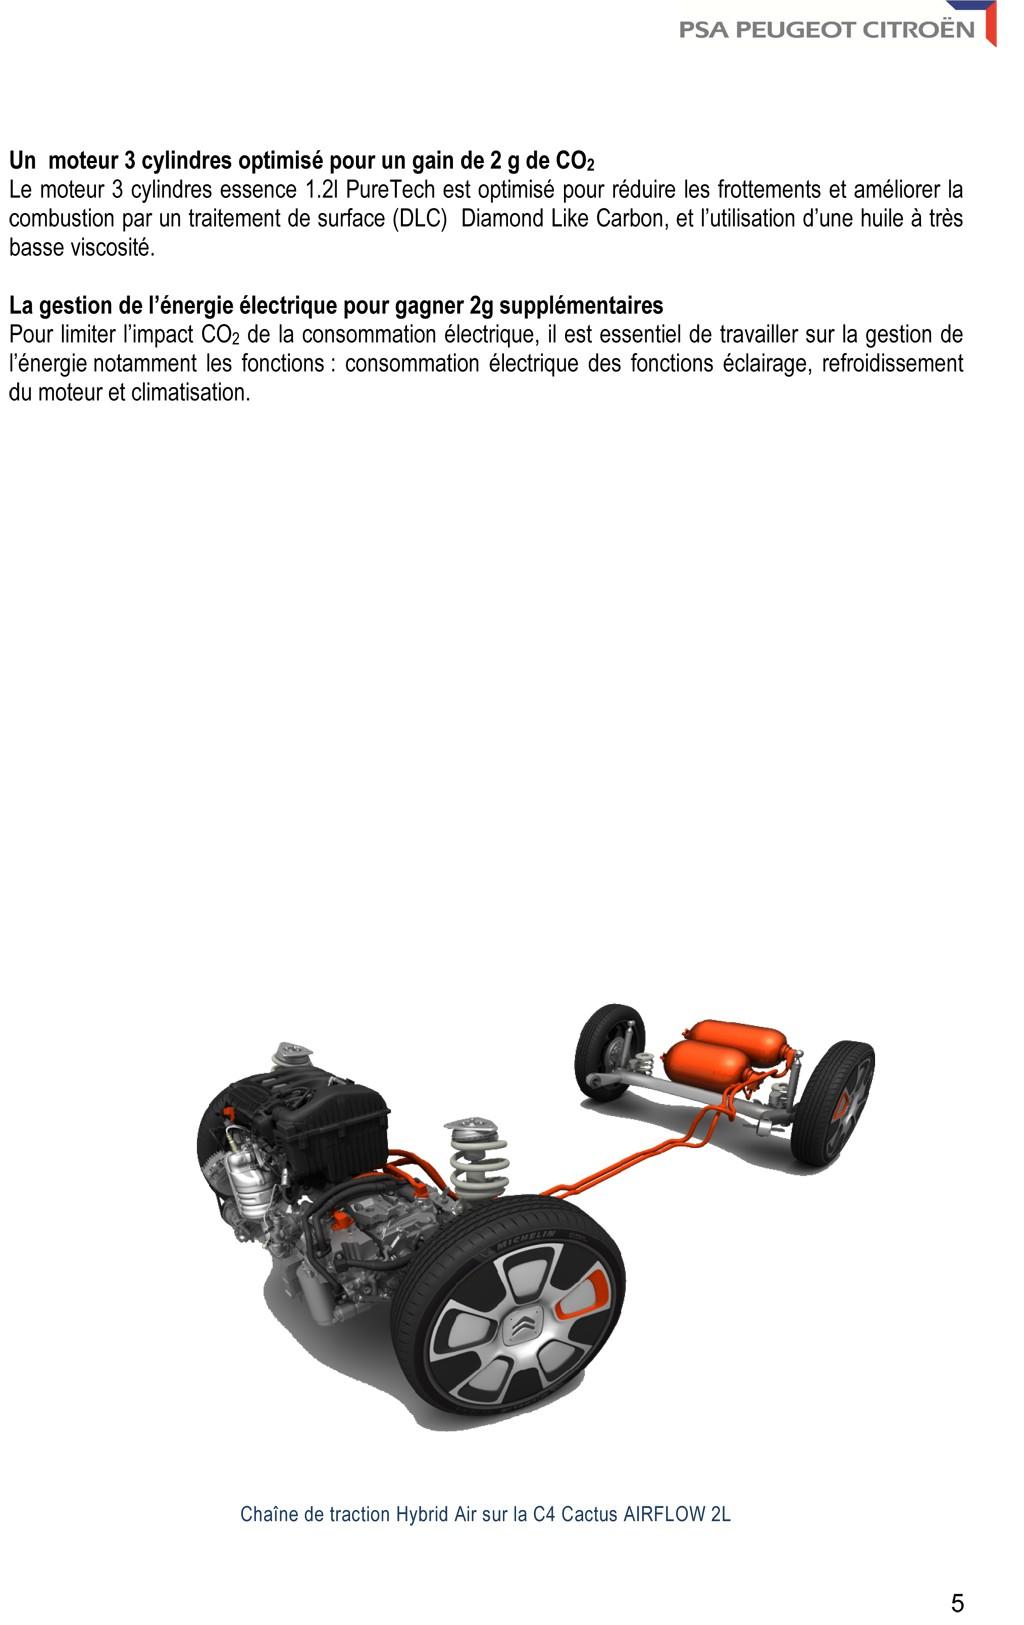 [INFORMATION] PSA: Les nouvelles technologies - Page 4 2014-113